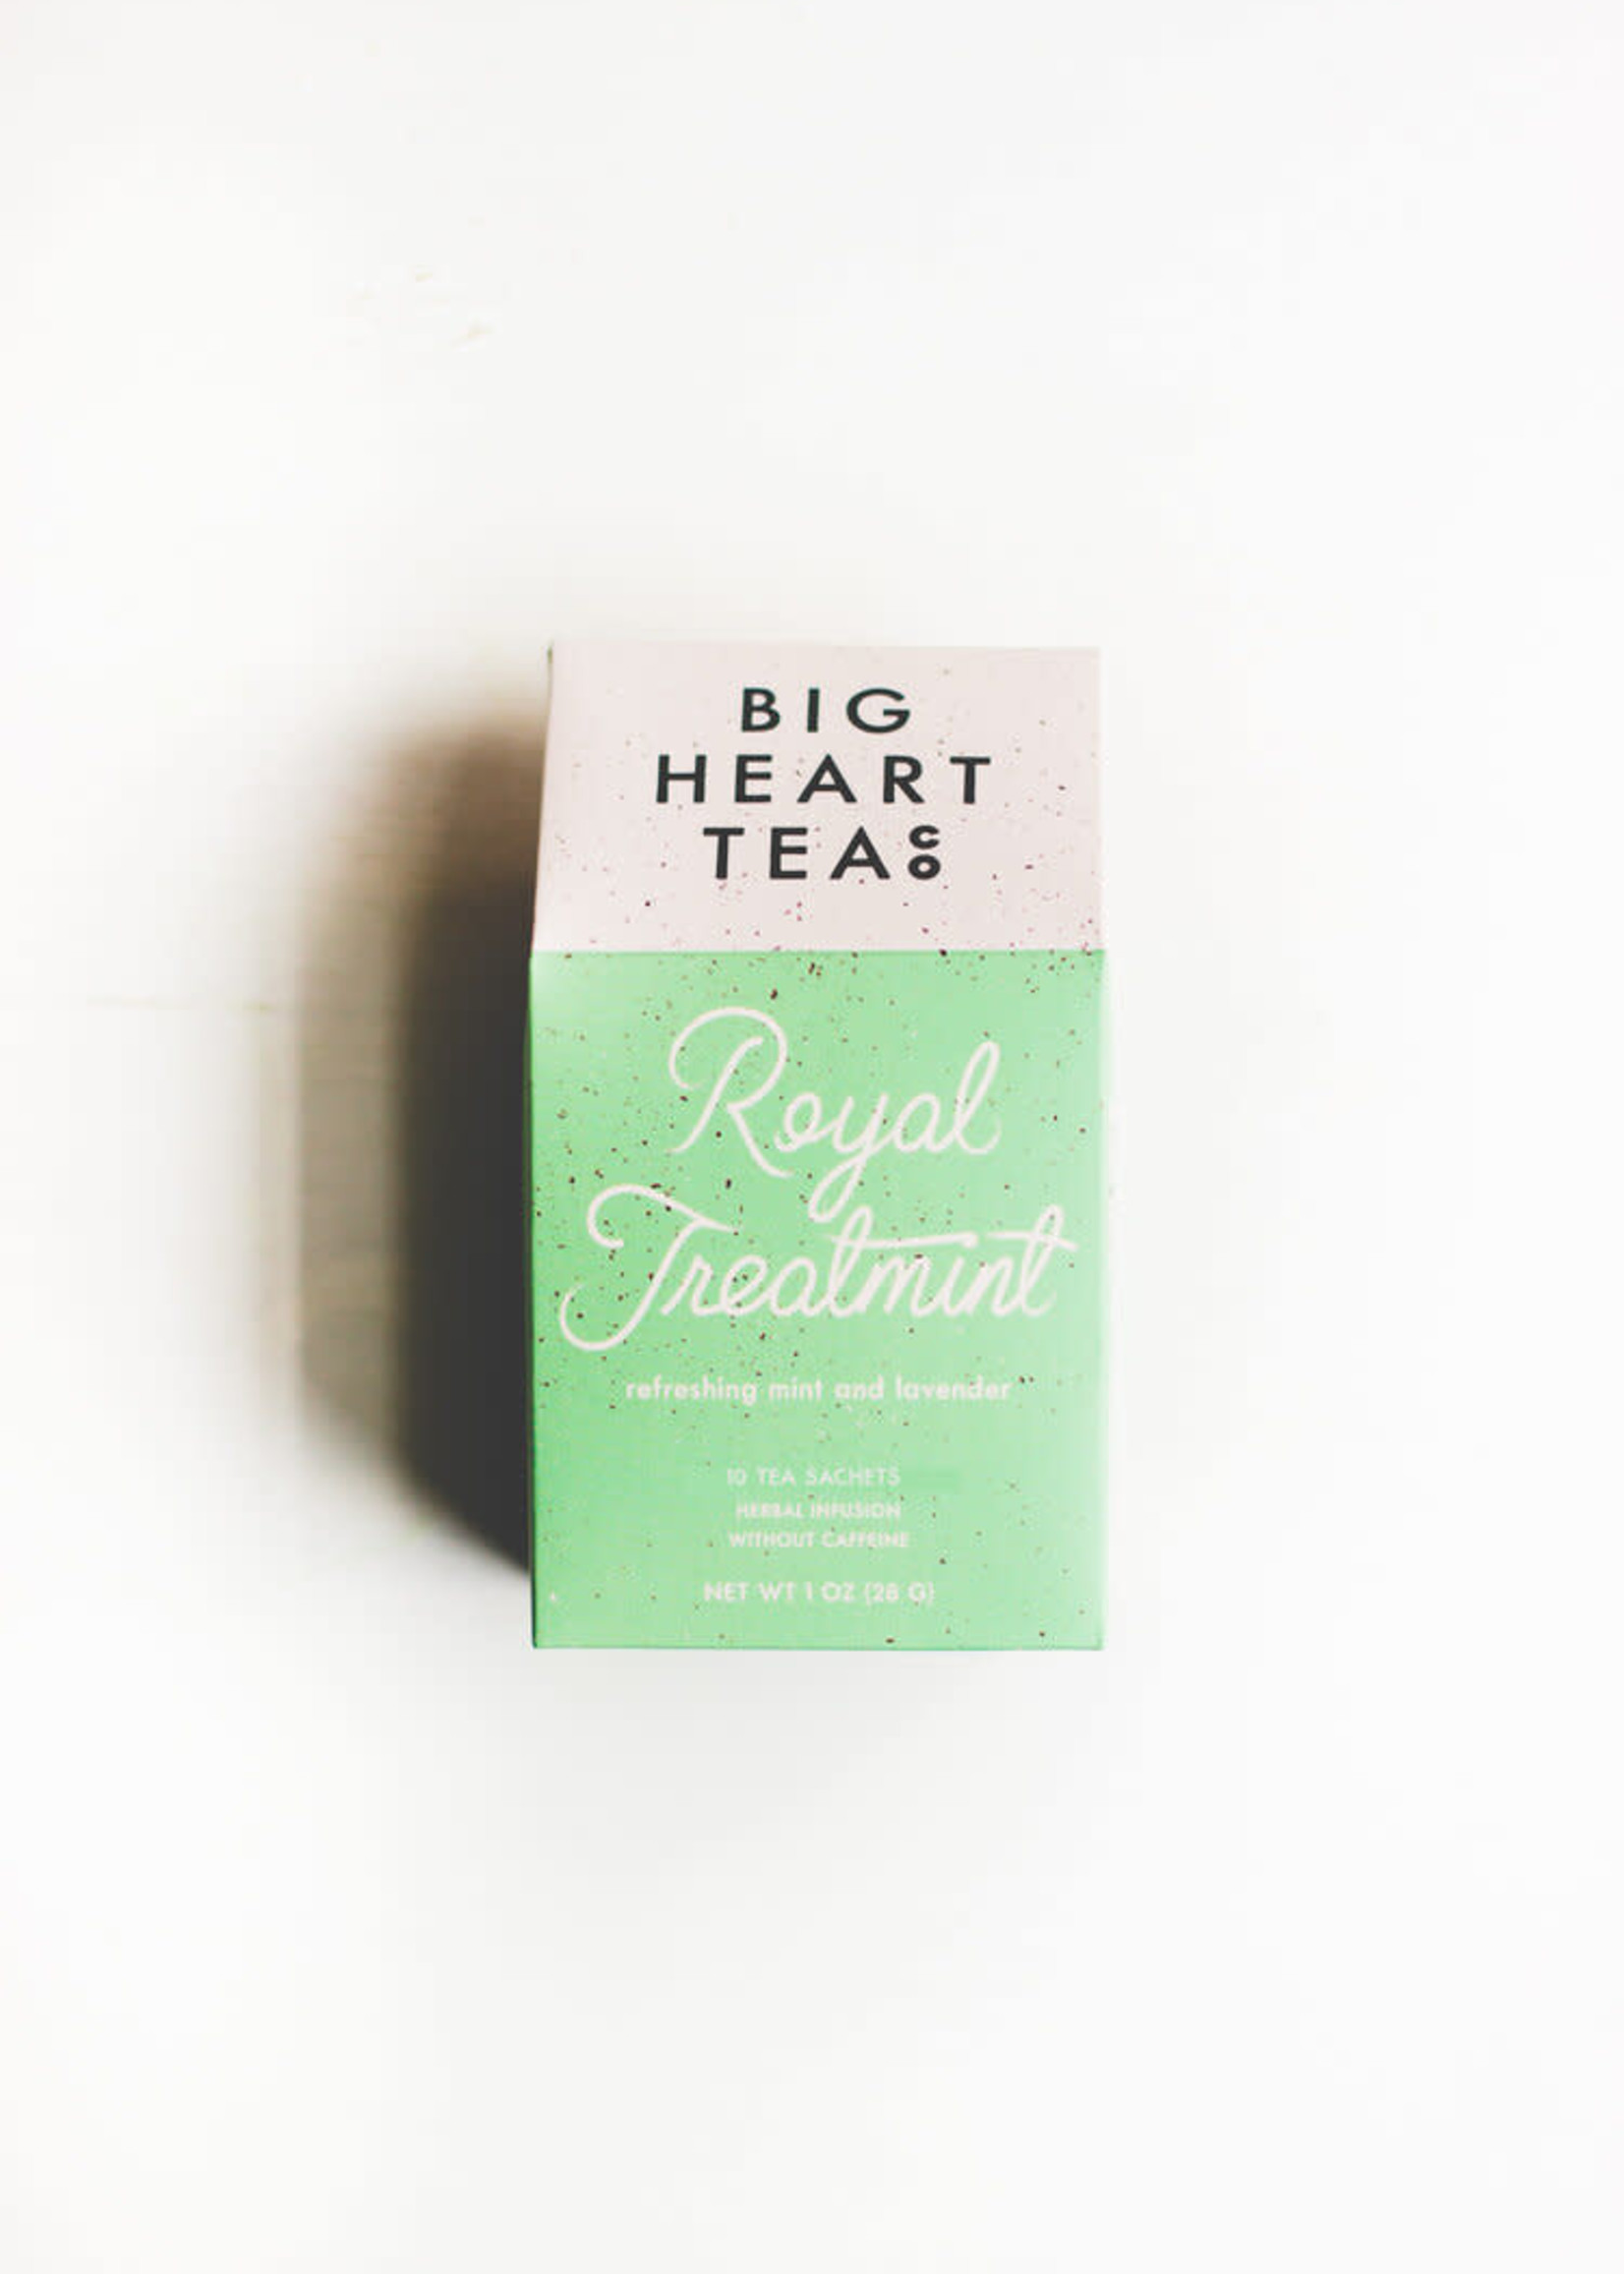 Big Heart Tea Bags